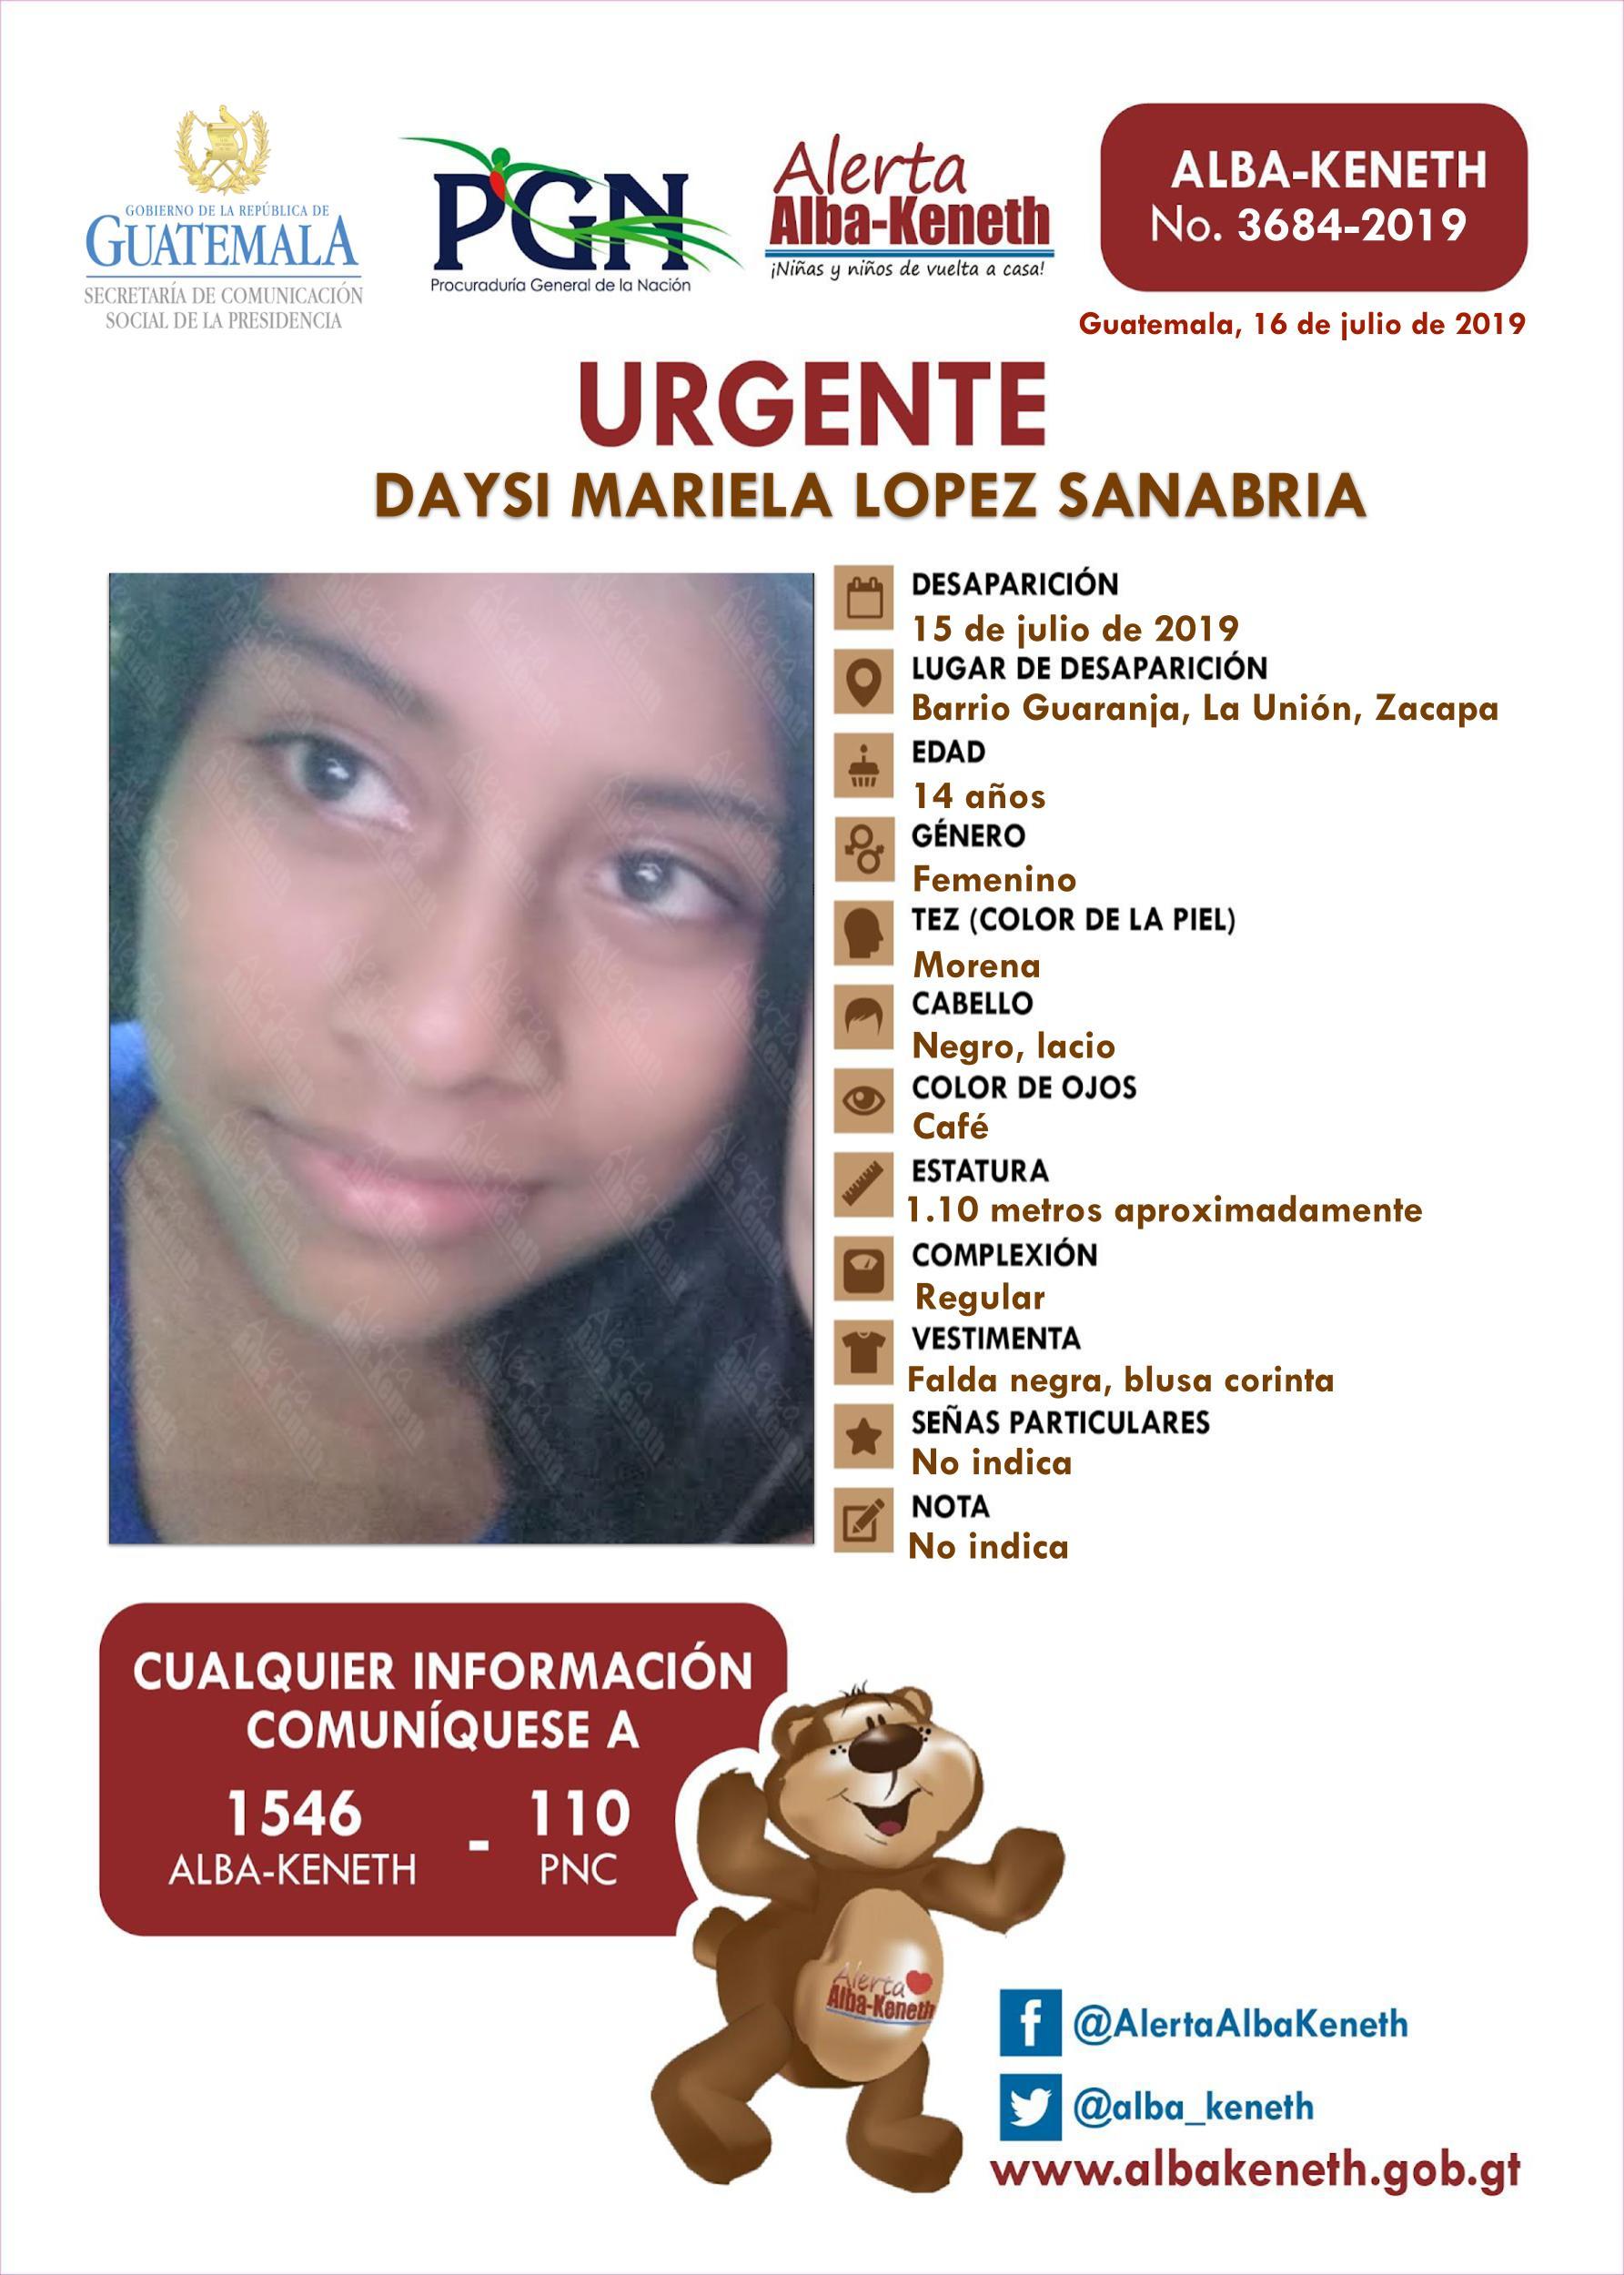 Daysi Mariela Lopez Zanabria